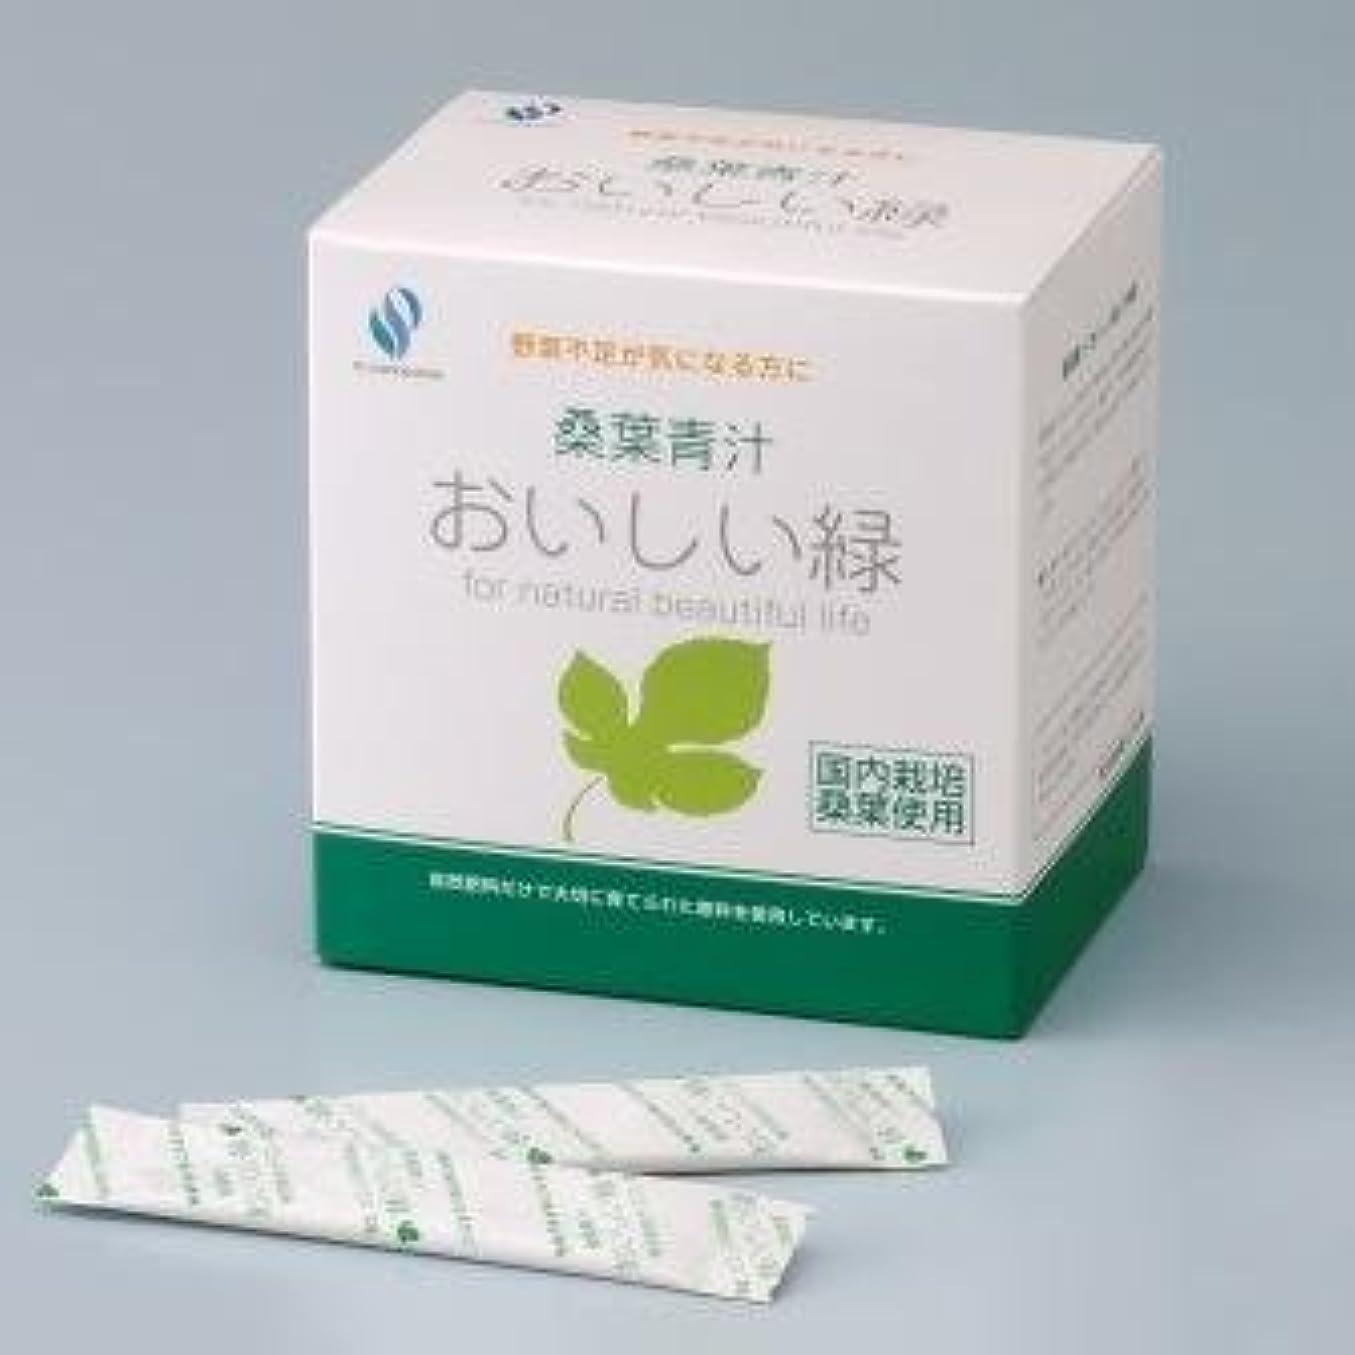 広げる溢れんばかりの証言する【栄養補助食品】 桑葉青汁 おいしい緑 (本体(2gx60本入り))